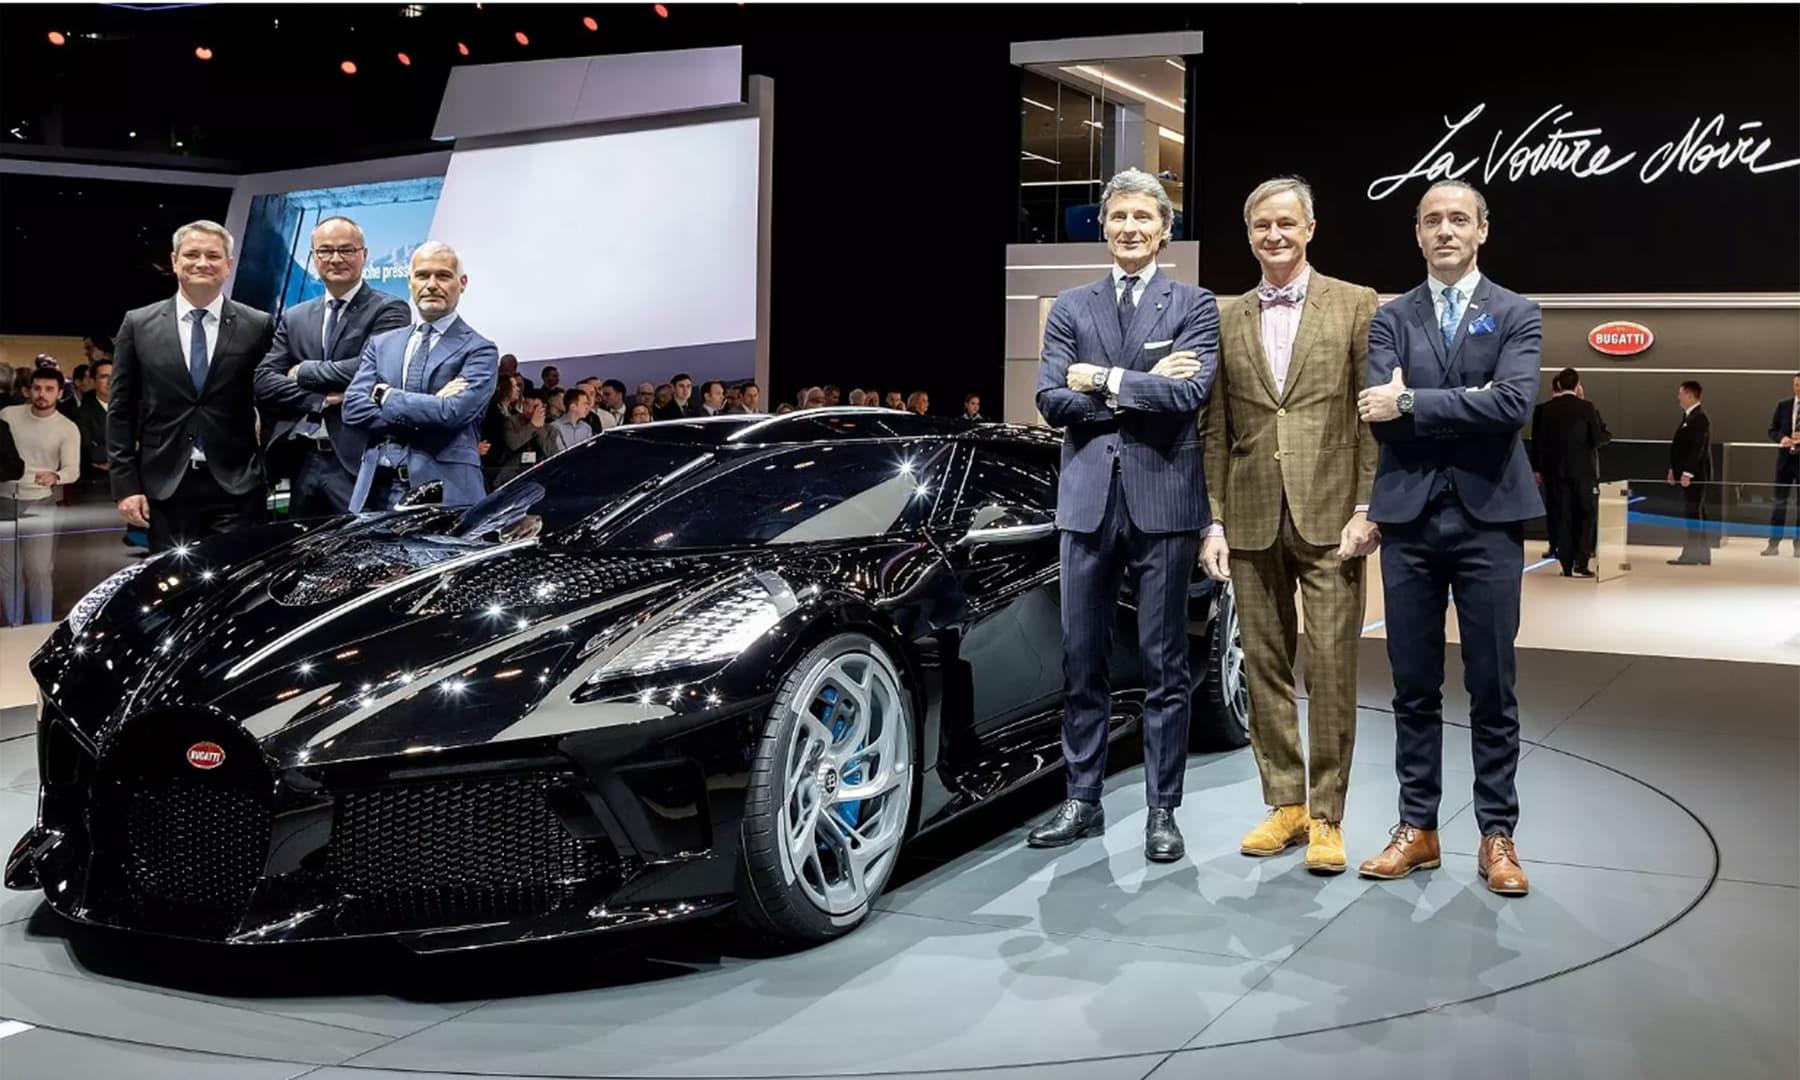 Bugatti executives unveil the La Voiture Noire, the world's most expensive new car, at the Geneva auto show in Geneva, Switzerland. — Photo: Bugatti.com